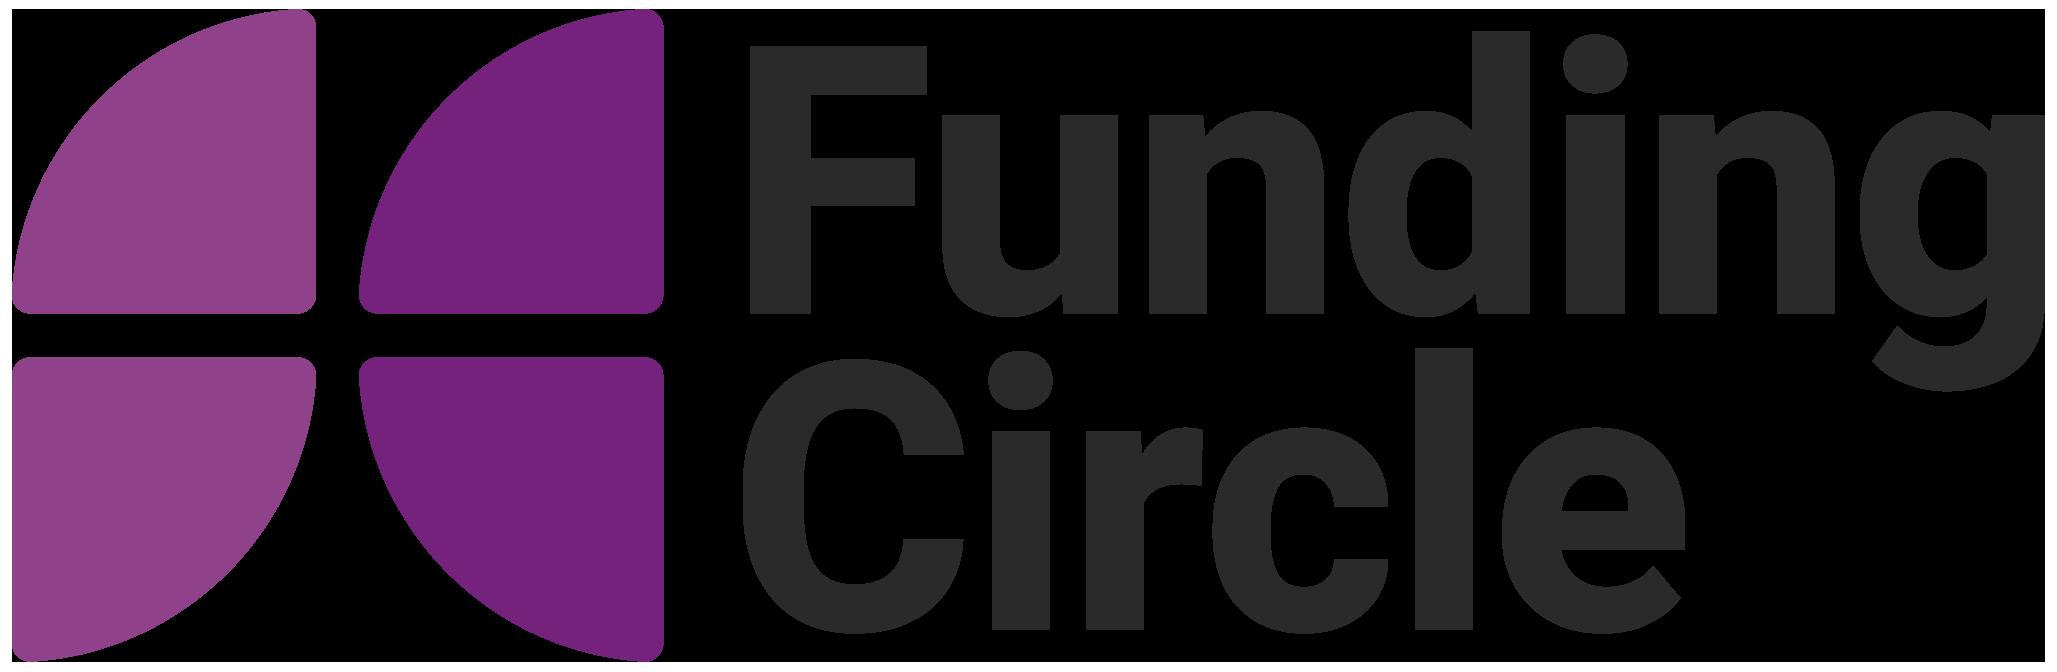 Funding Circle Holdings PLC Logo